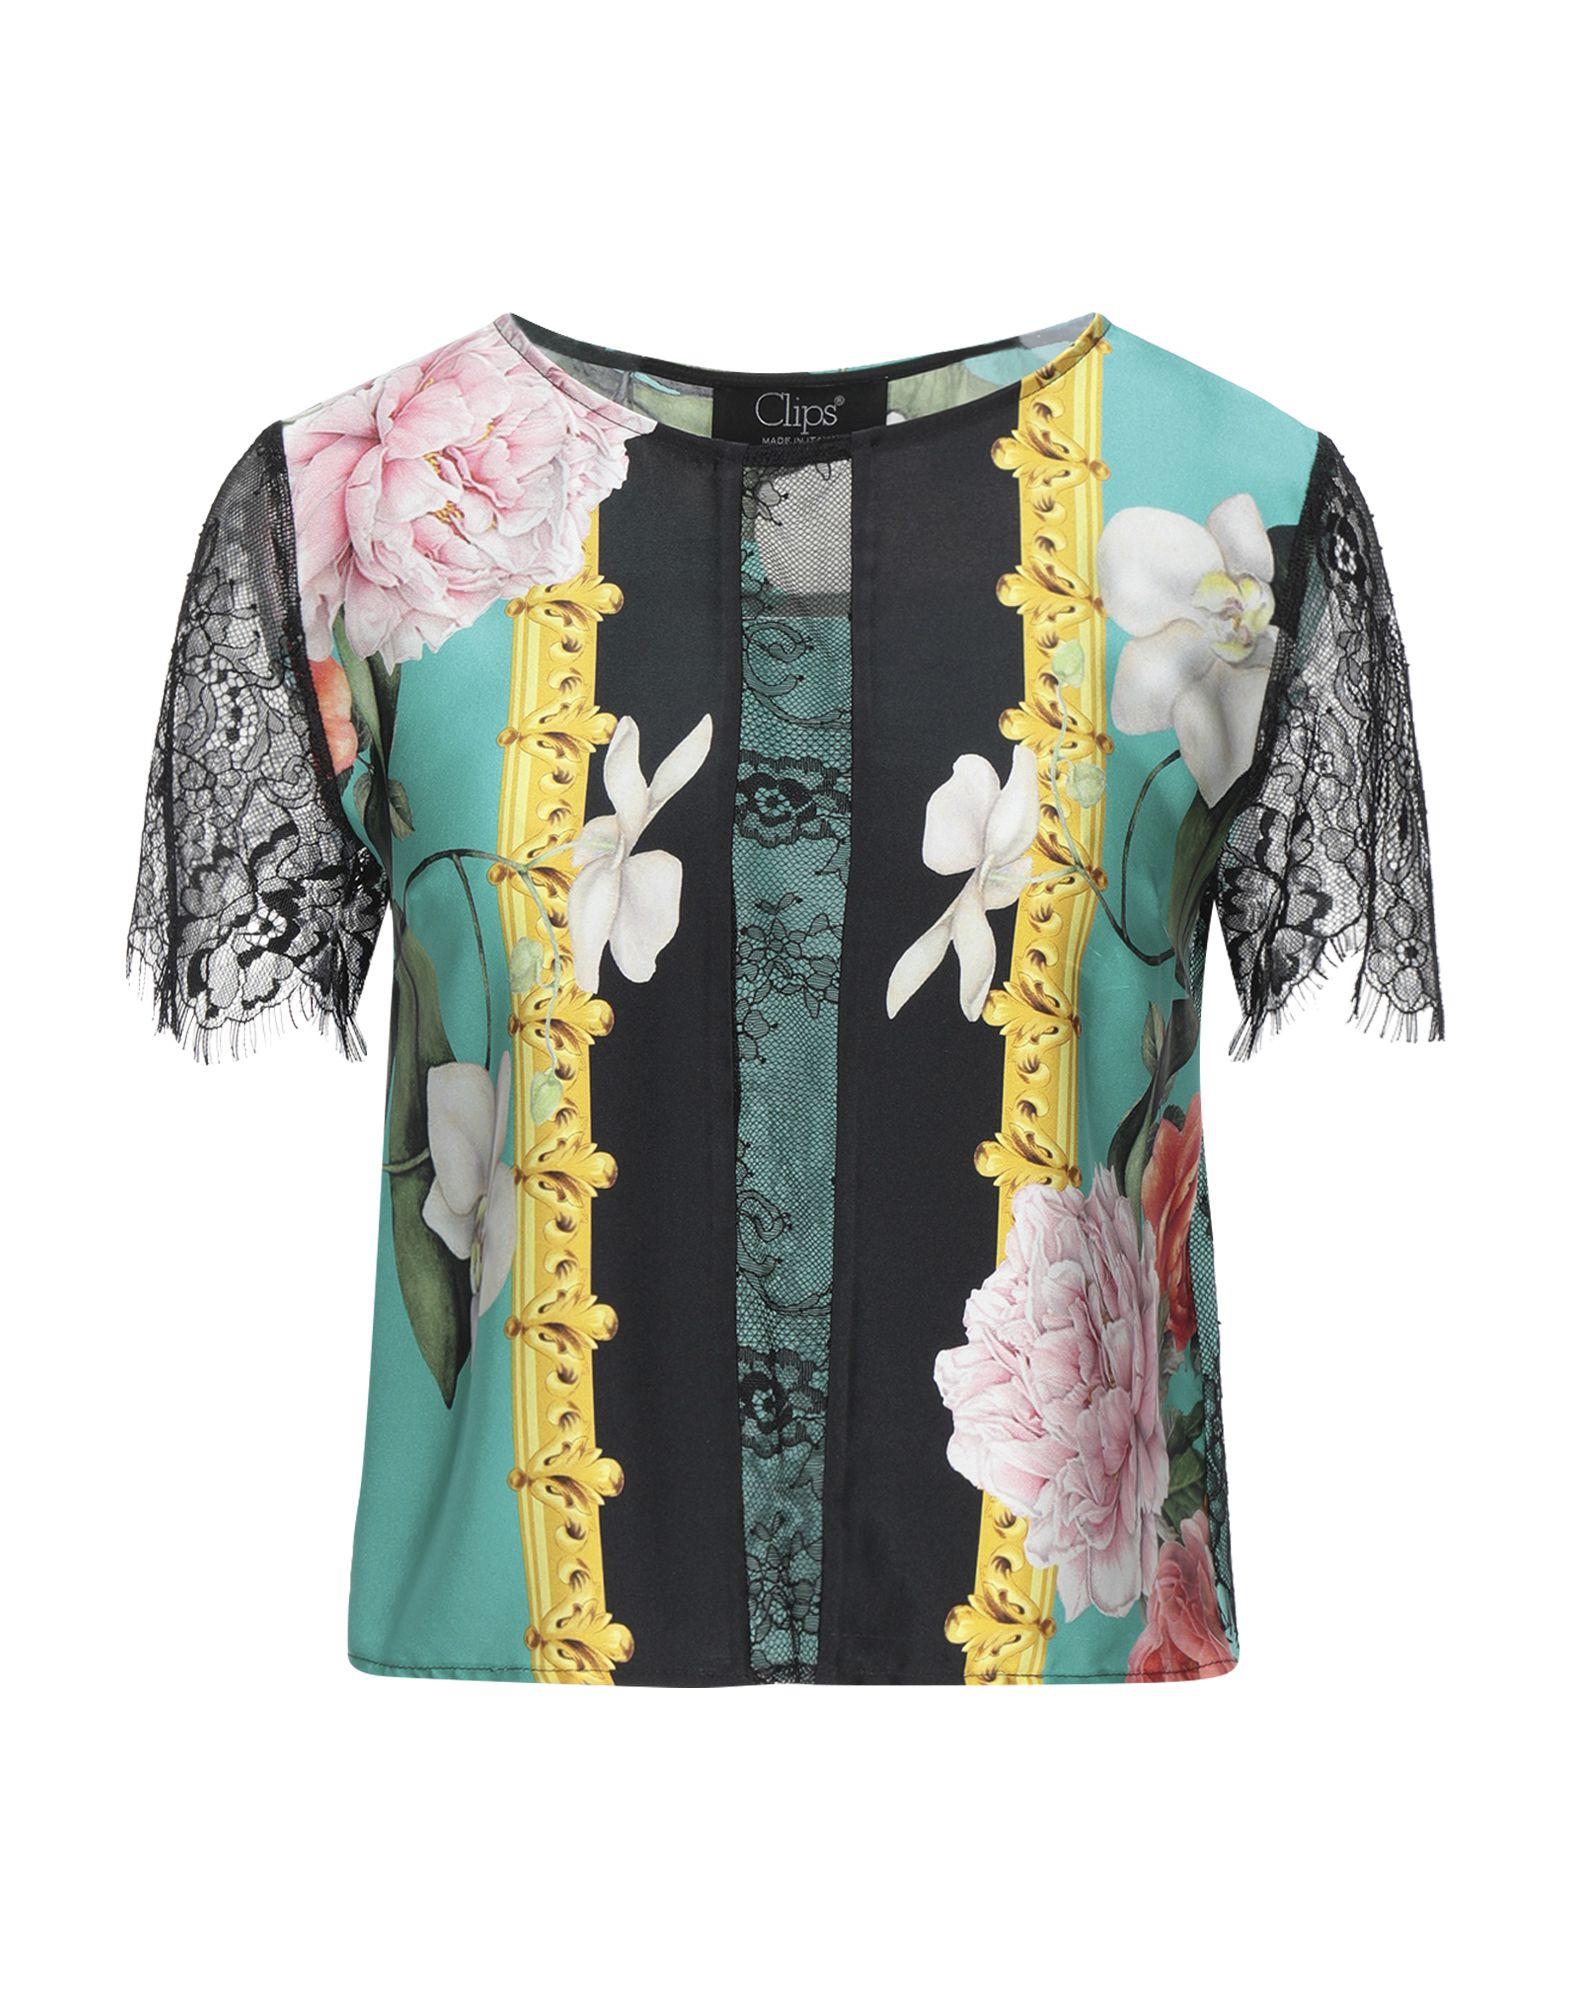 CLIPS Блузка шифоновая блузка в цветочный принт